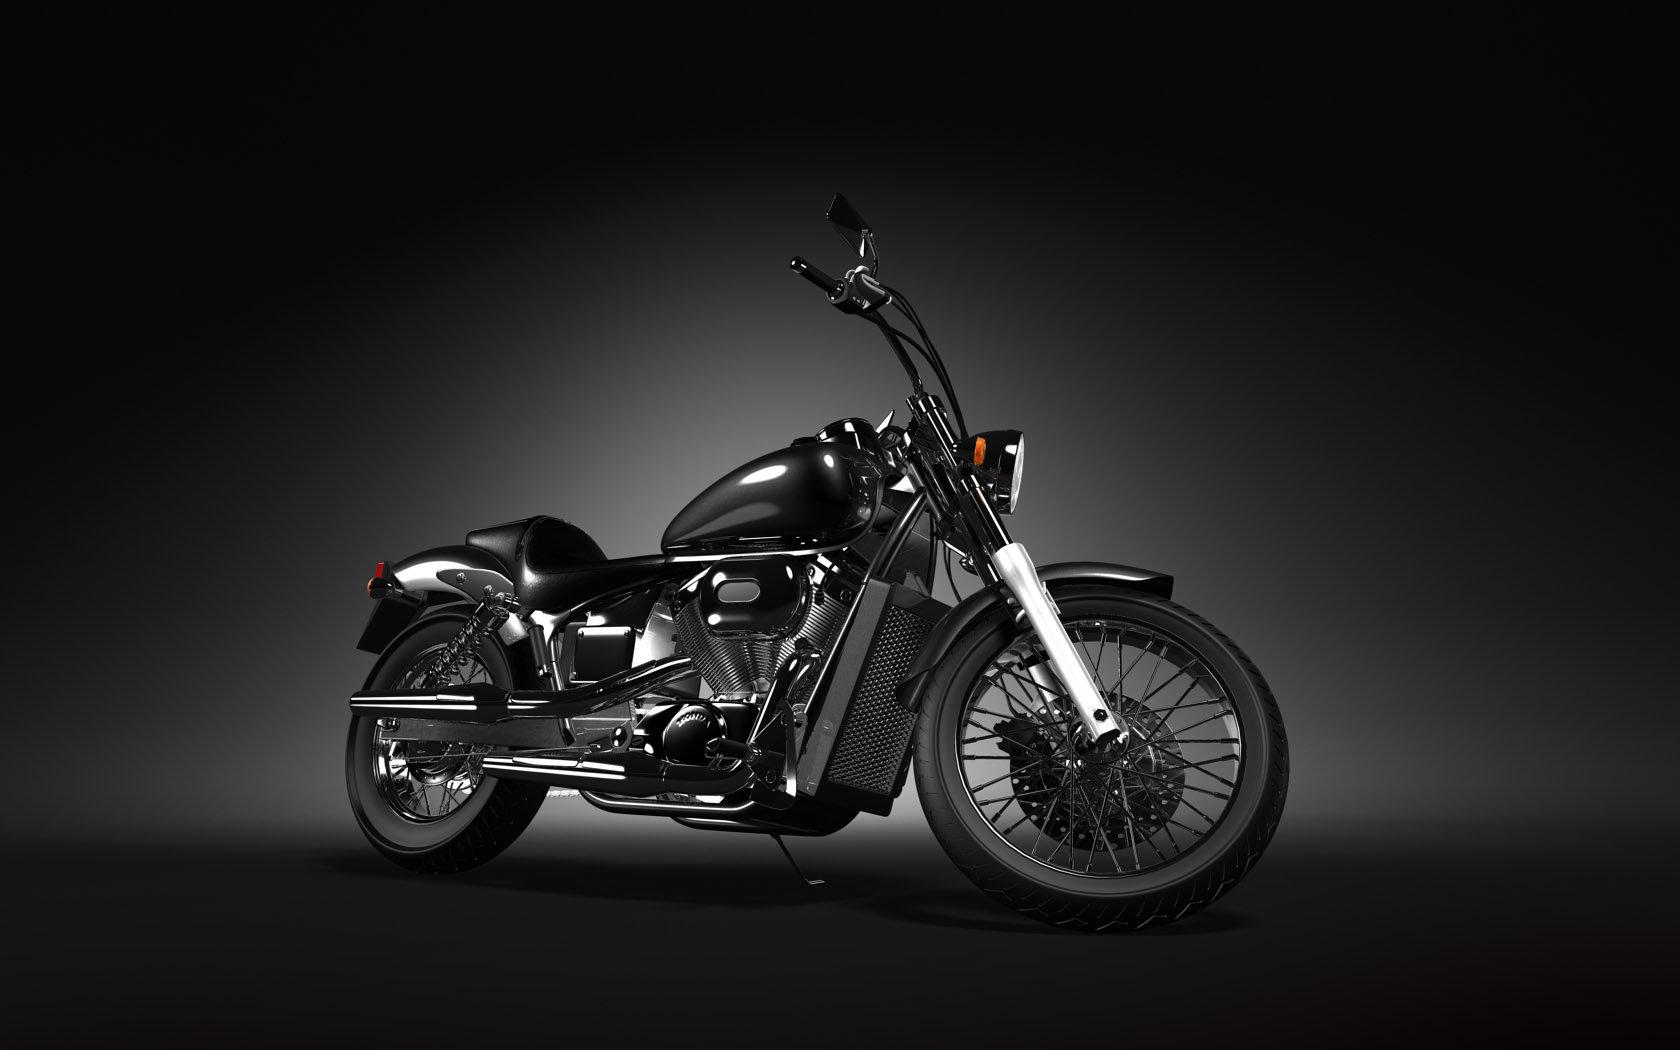 Honda Shadow 400 slasher характеристики #9